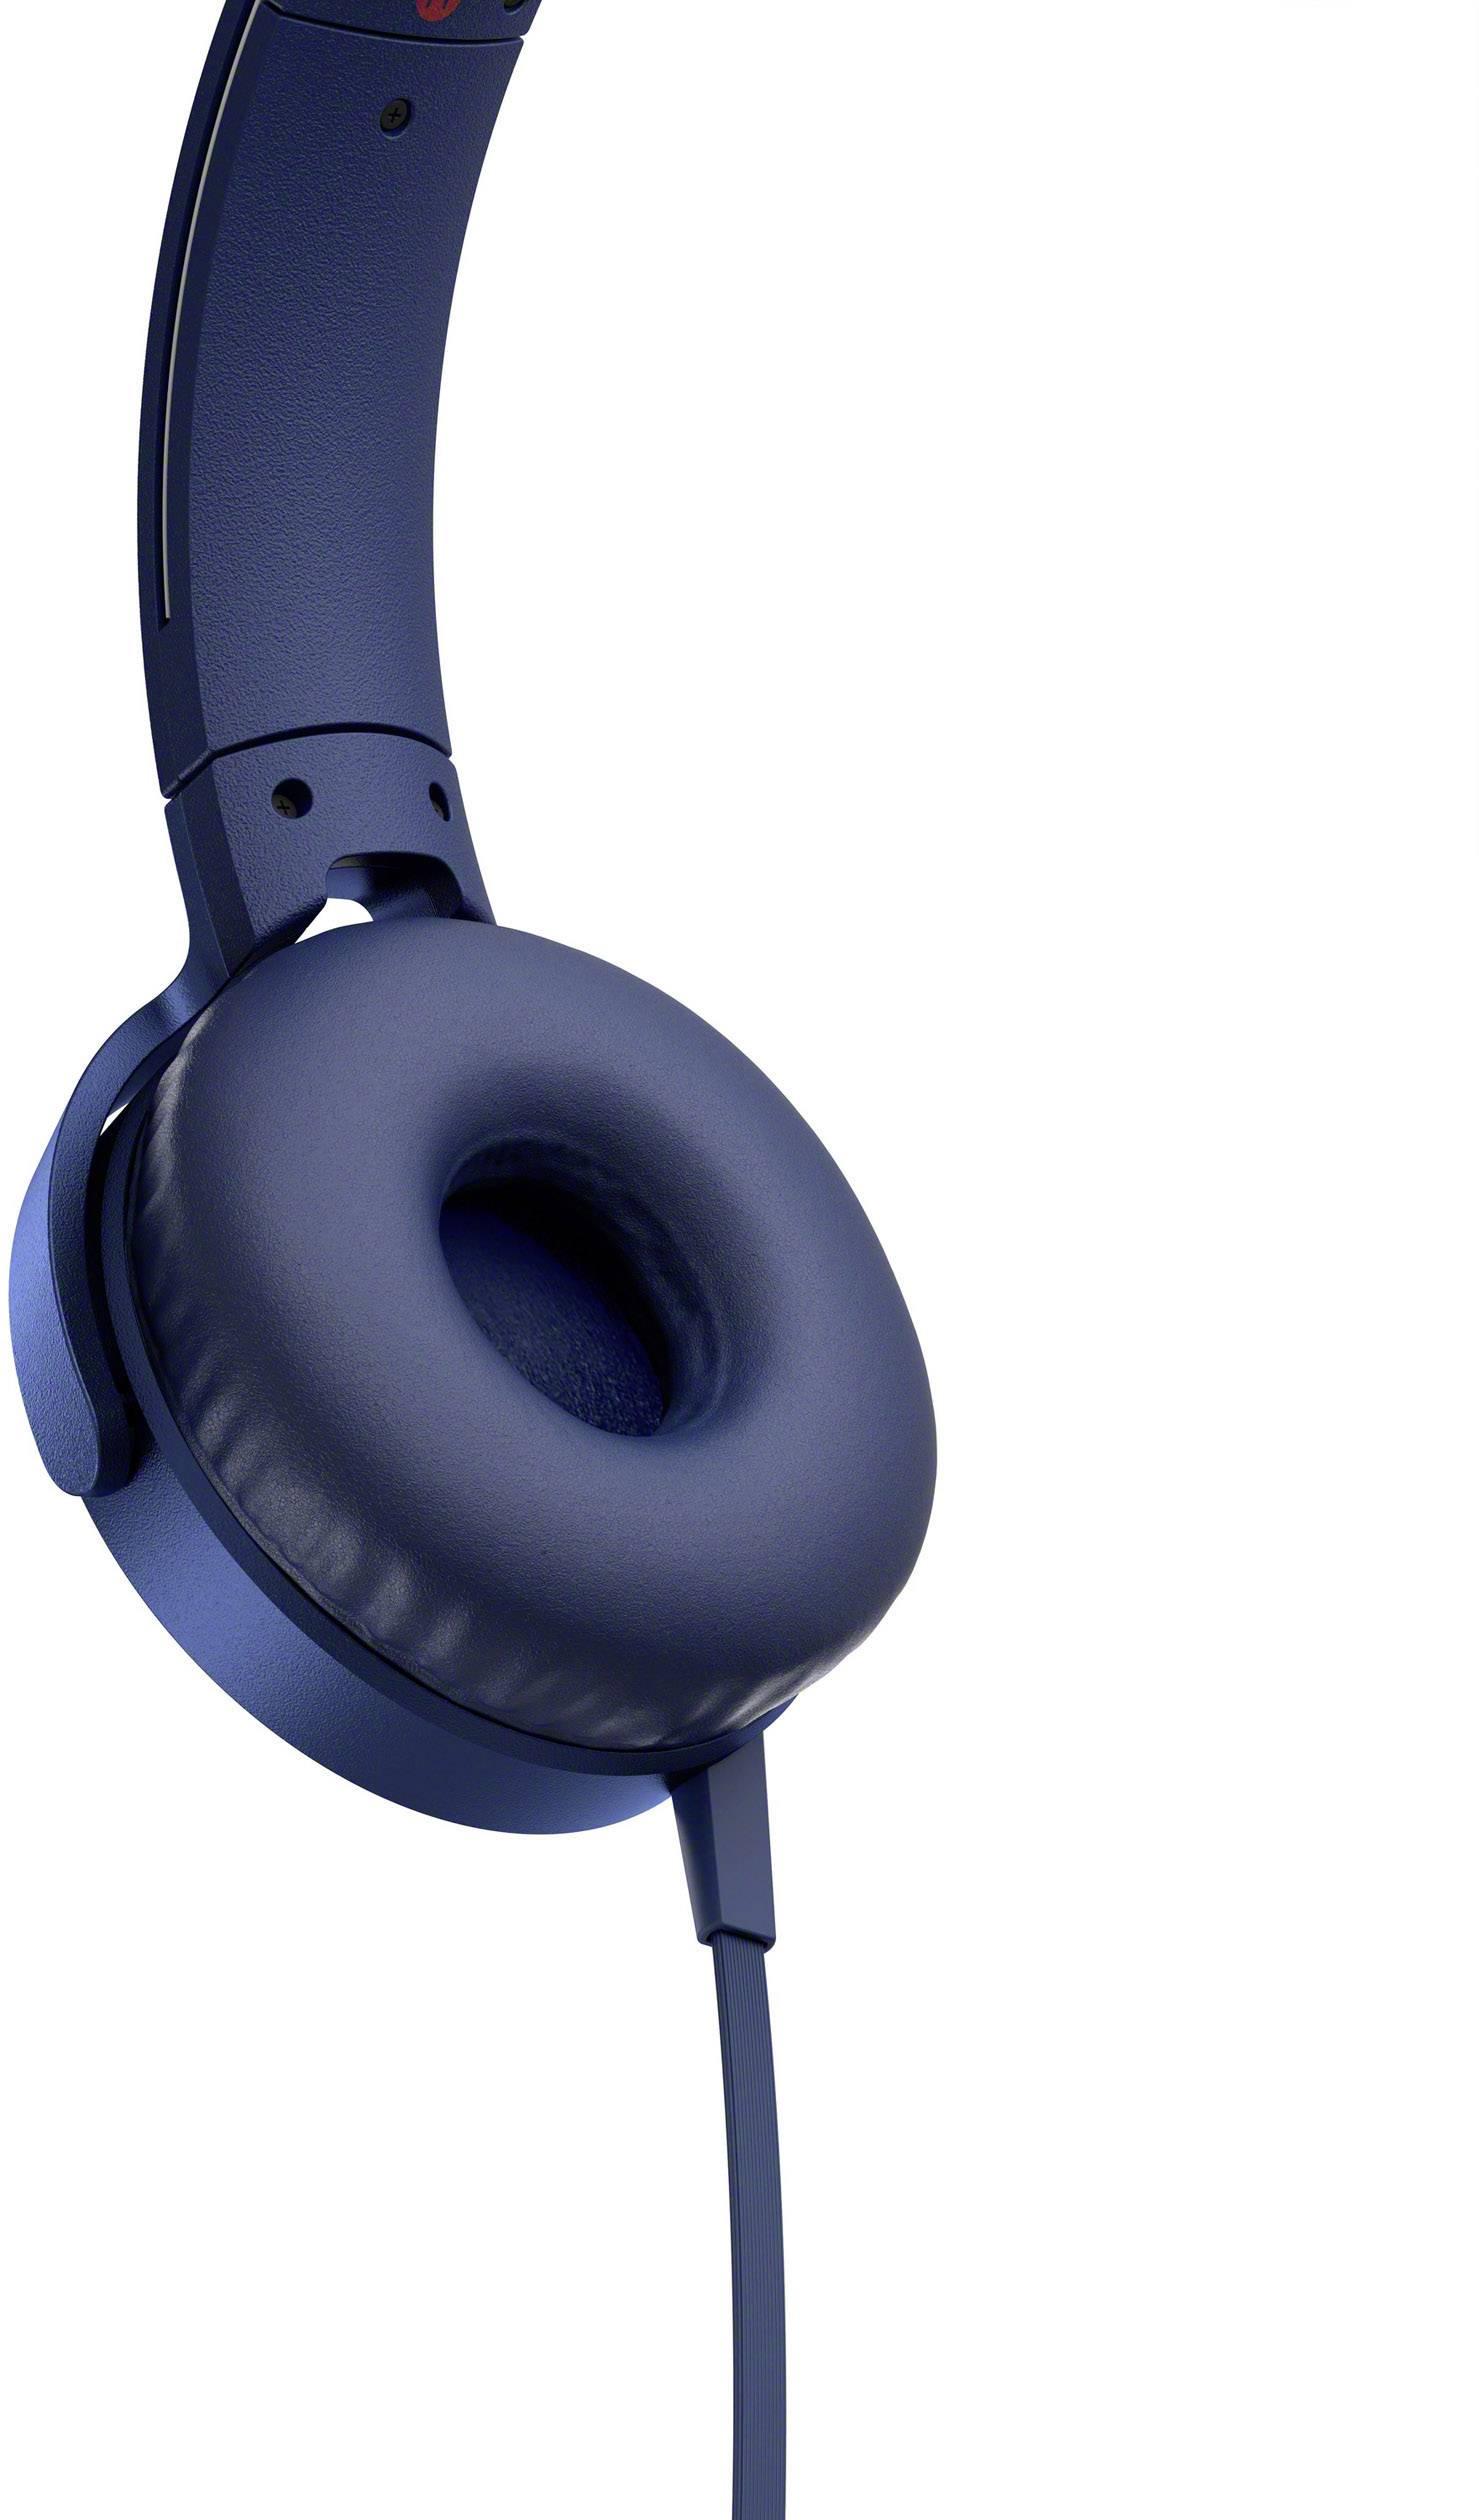 Sony MDR-XB550AP HiFi Hörlurar br  6fce3f00eecb0